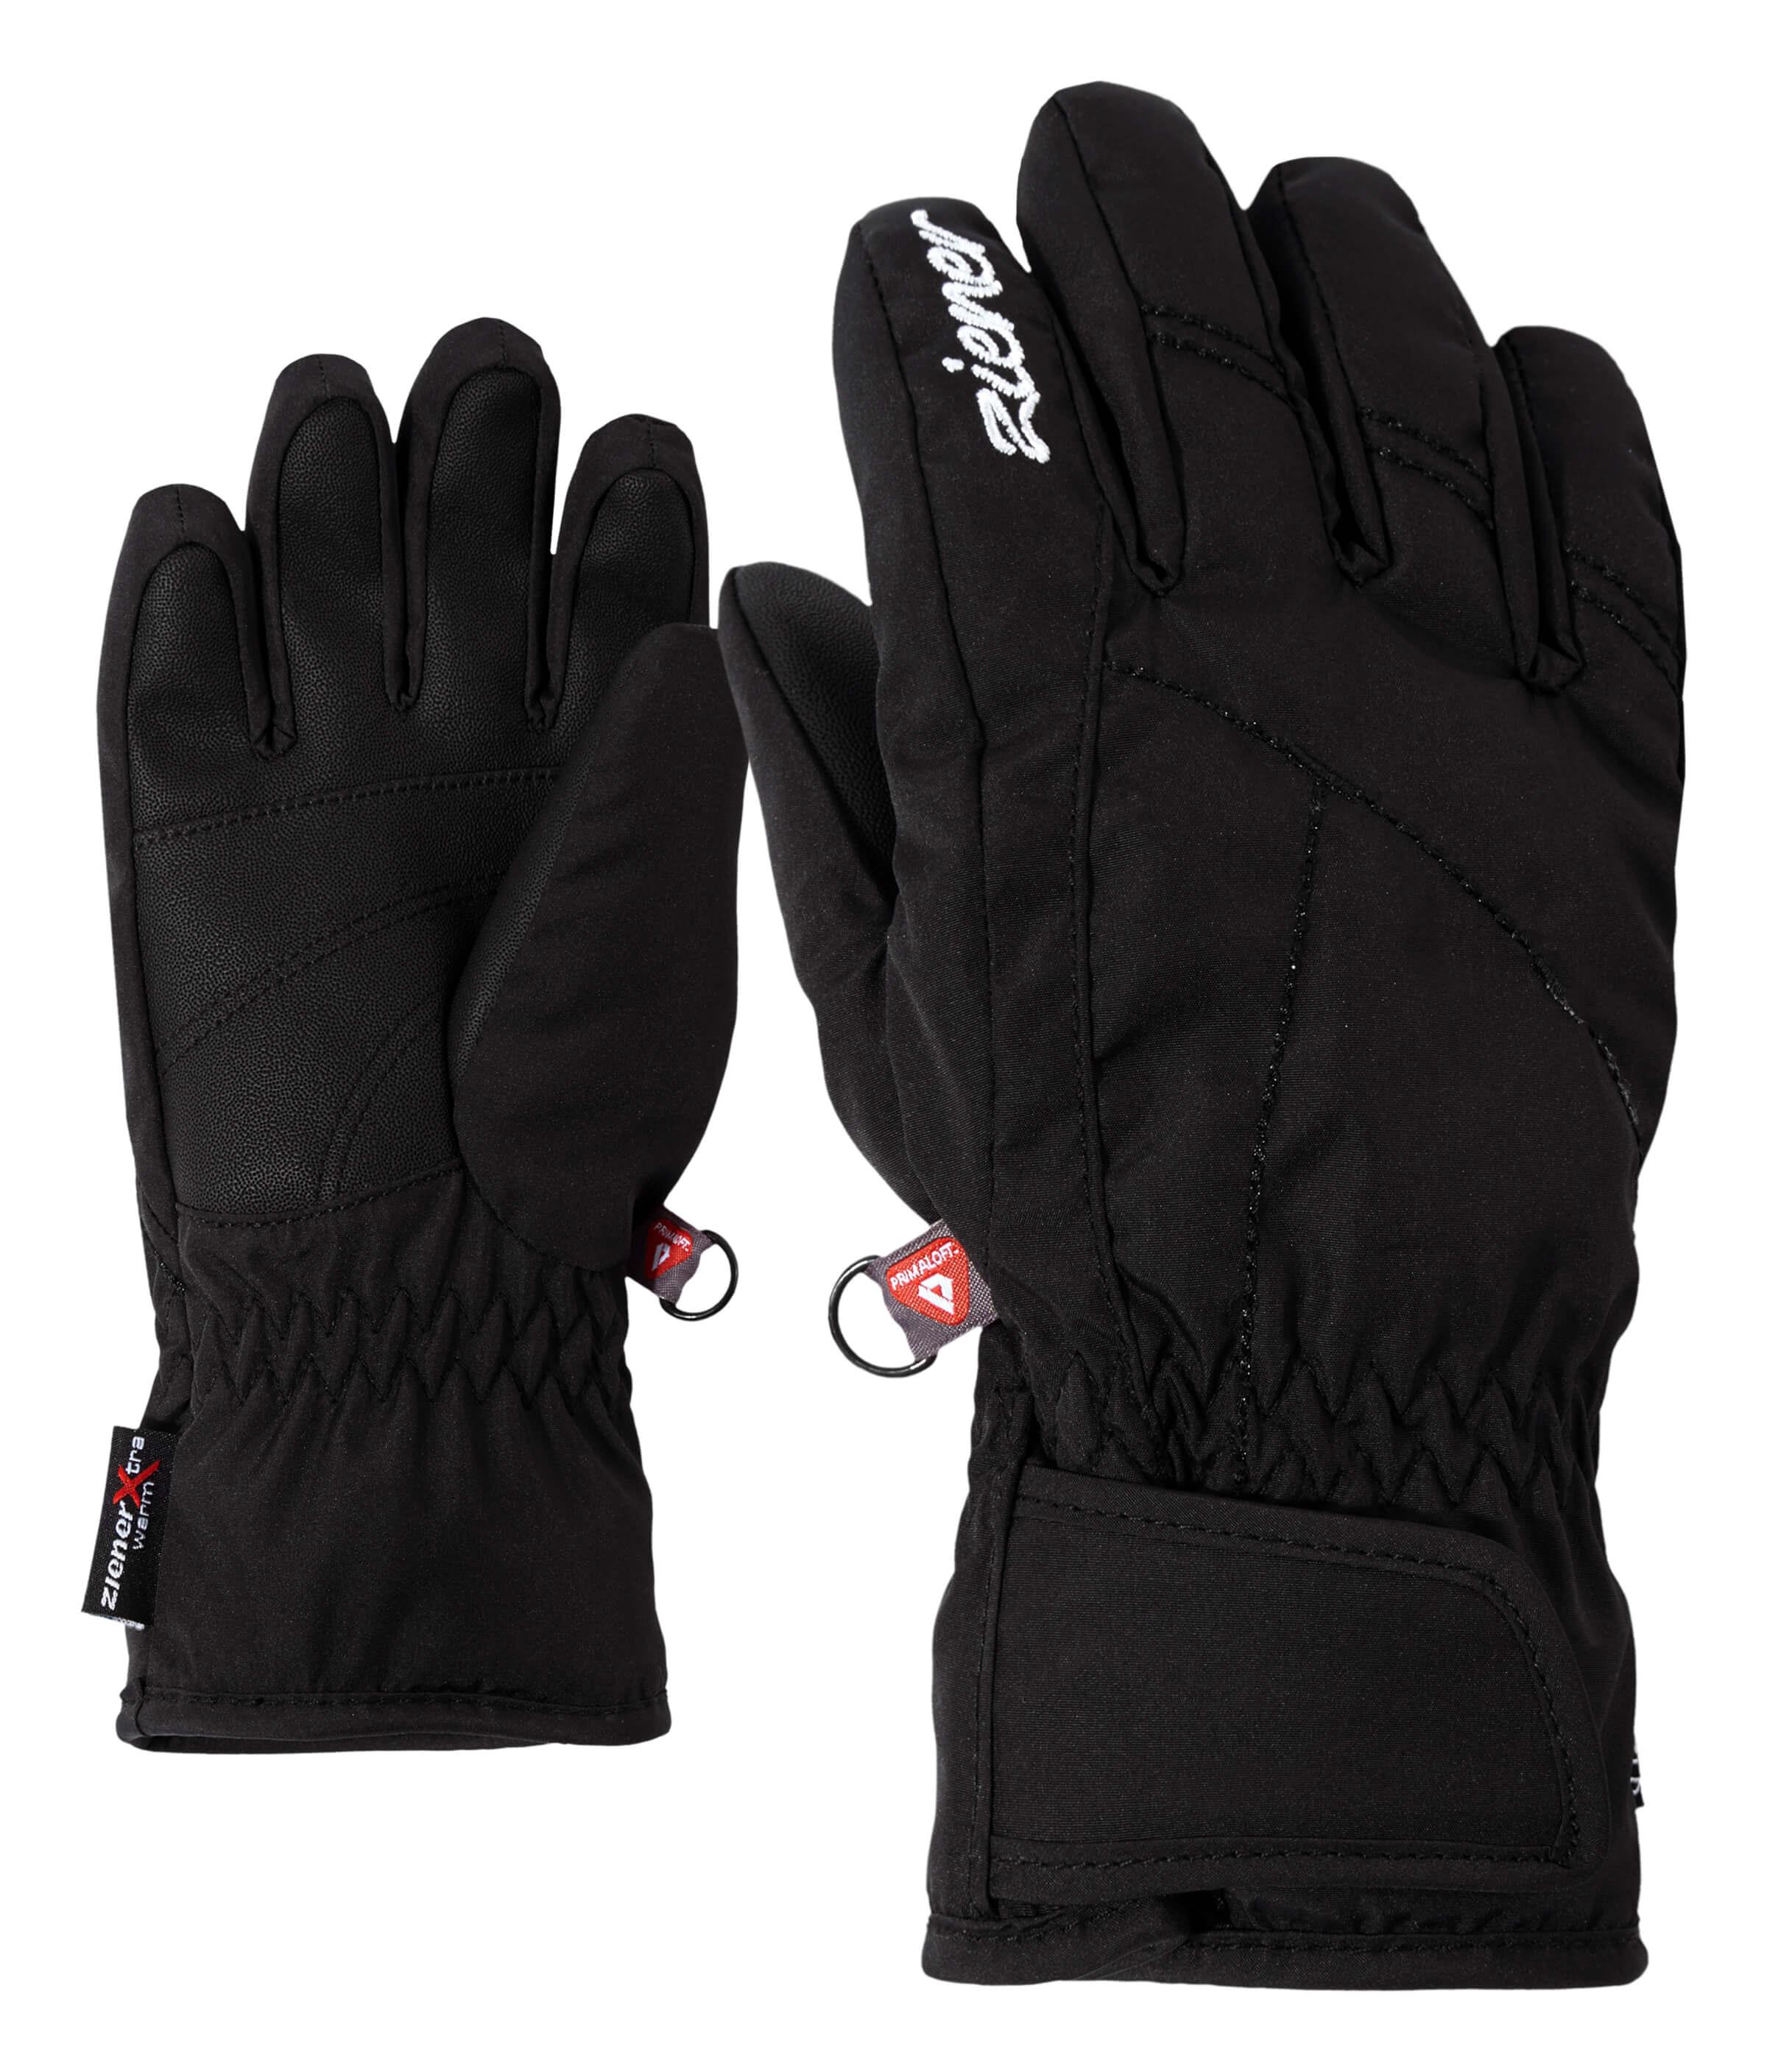 b1fd3976d26 Ziener, Lati AS PR, handschoenen, kinderen, zwart